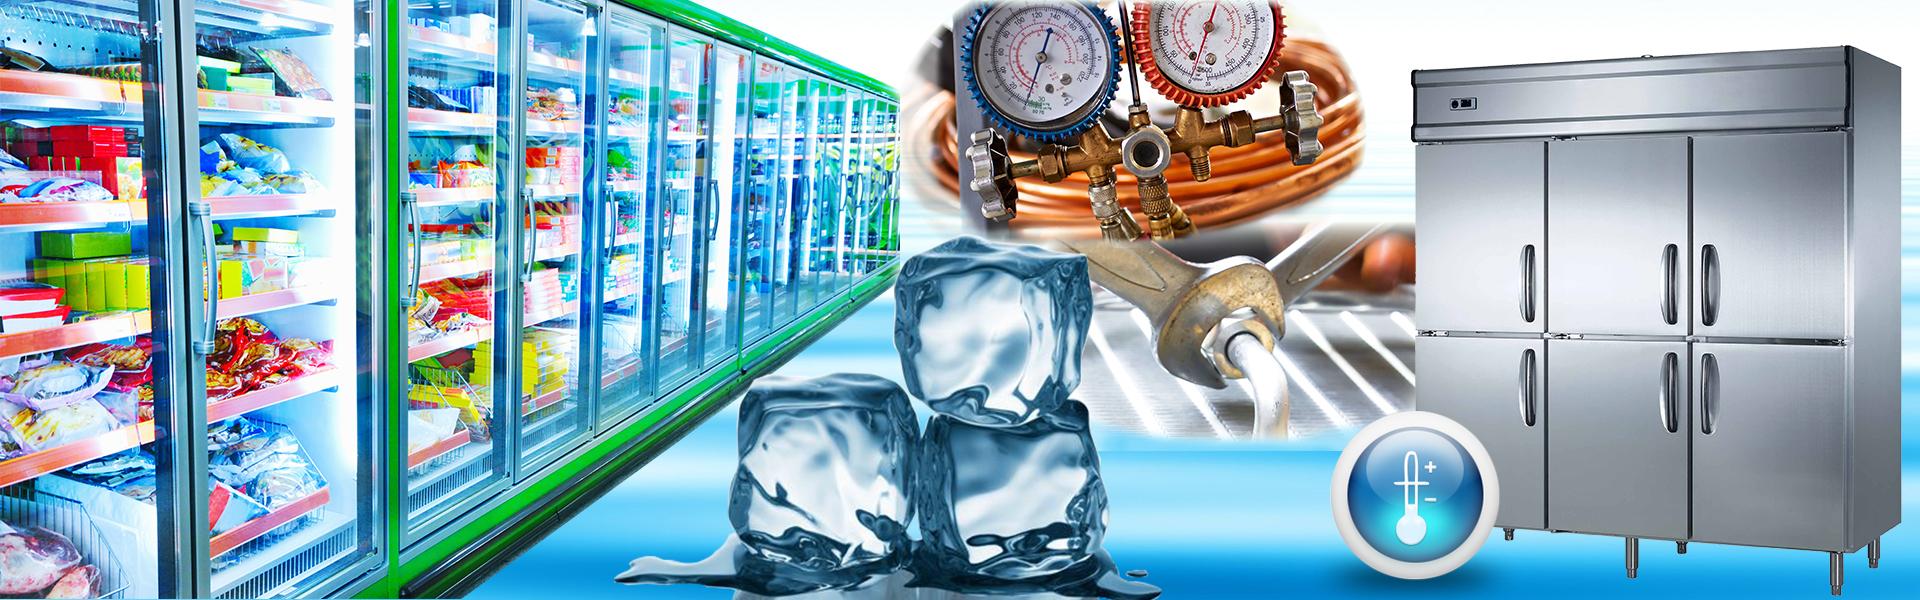 HVAC solutions - Ultrasonic Leak Detectors